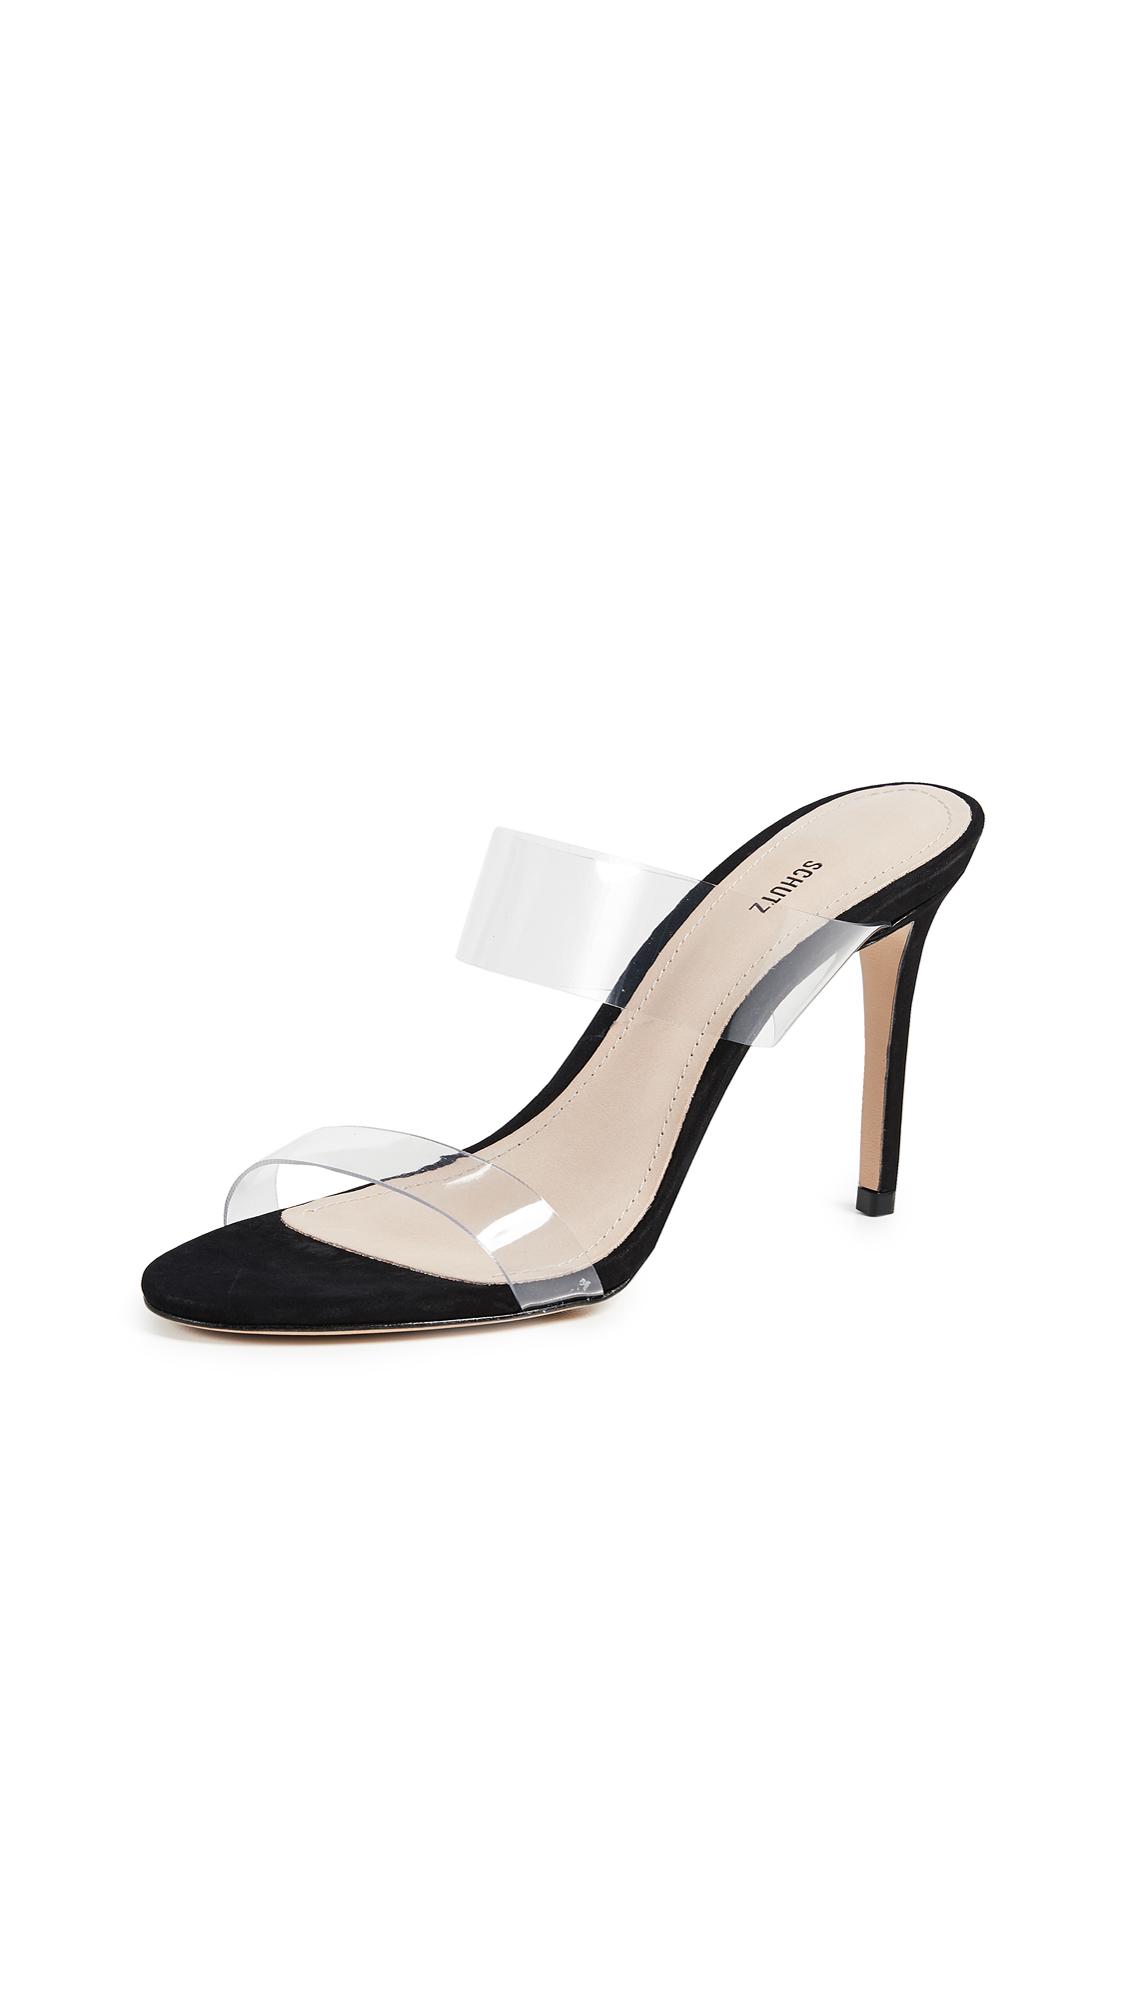 Schutz Ariella Strappy Sandals - Black